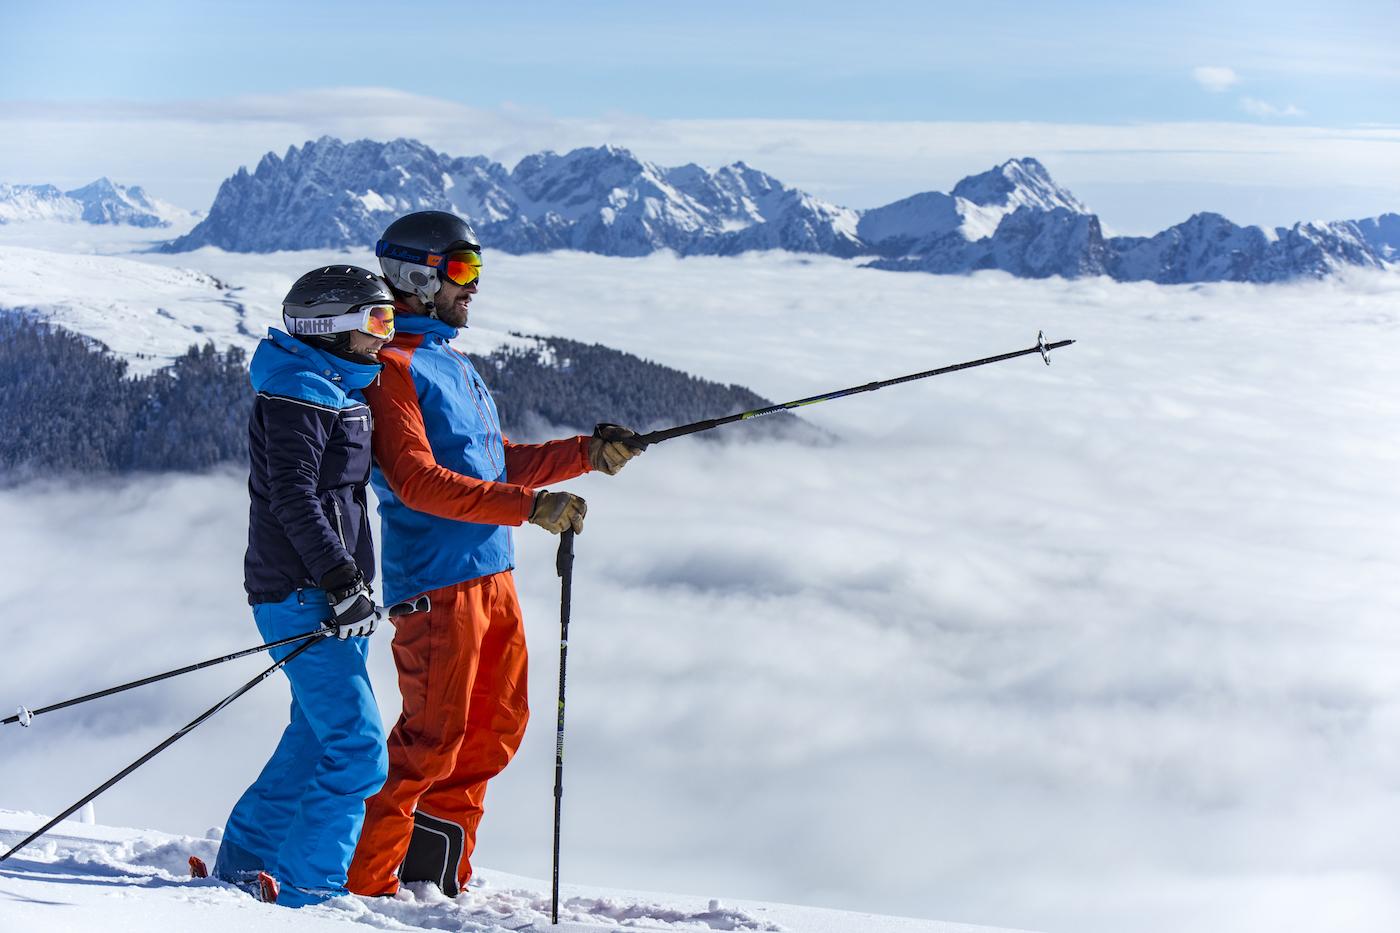 Nieuwe Verbinding Maakt Skiën Van Oostenrijk Naar Italië